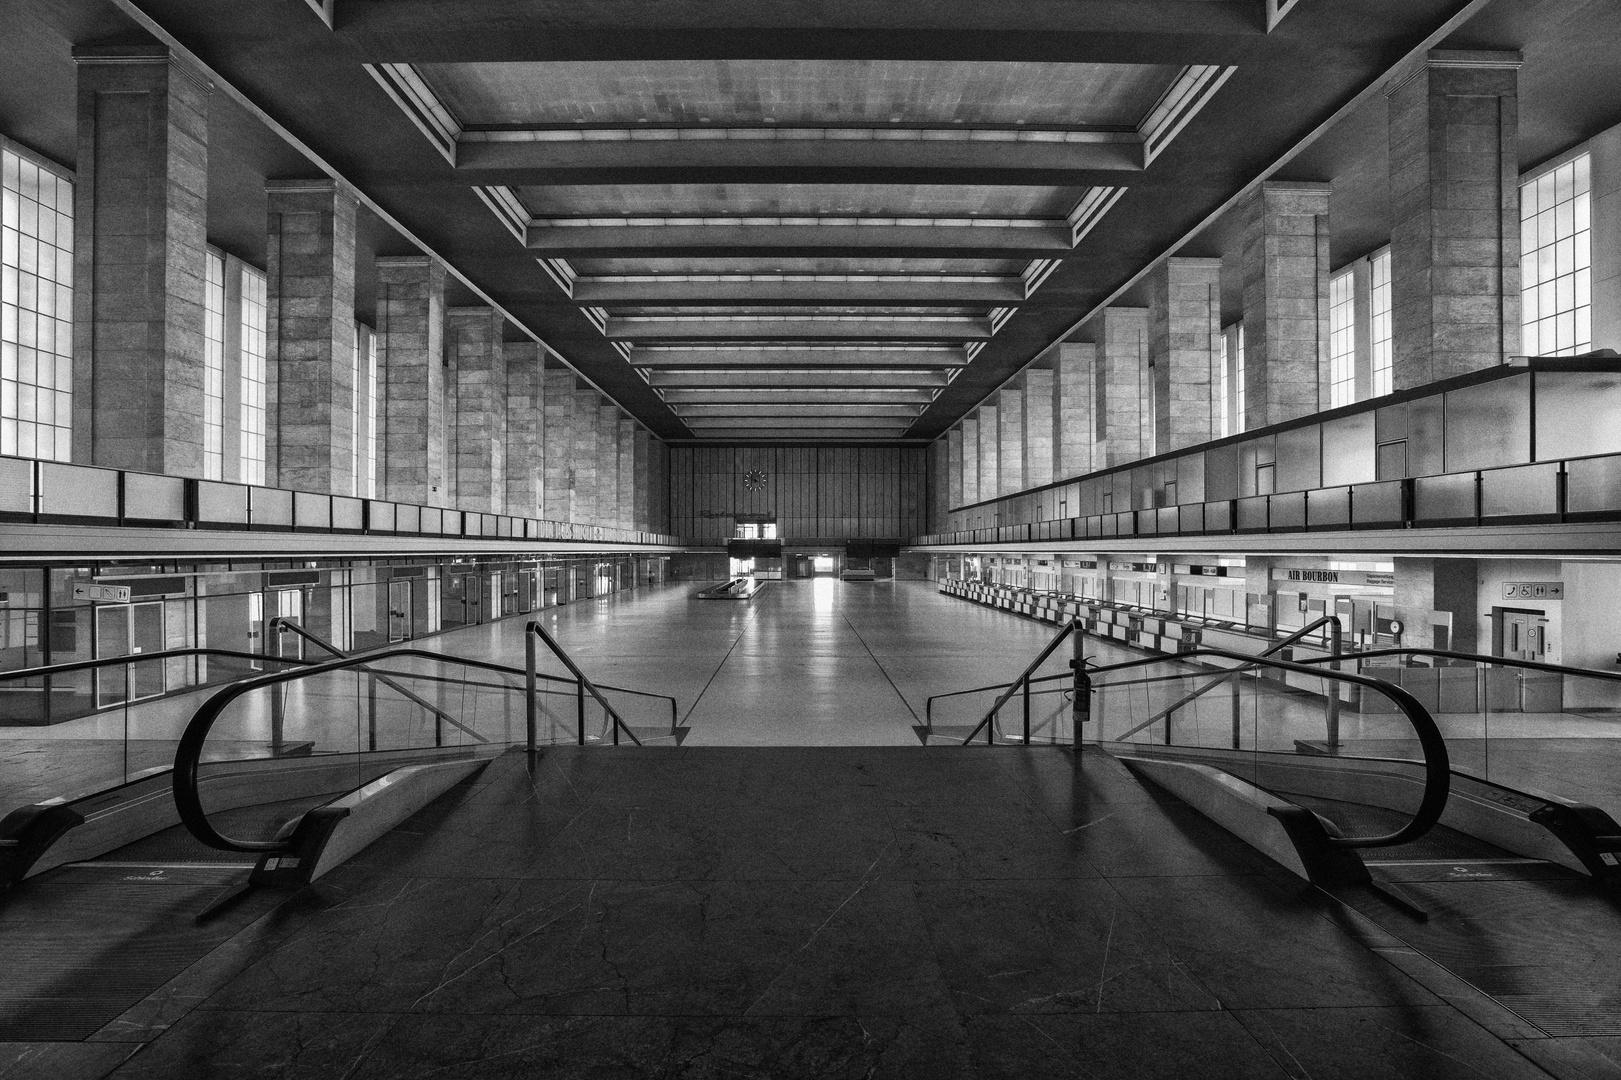 Flughafen Berlin Tempelhof (20)